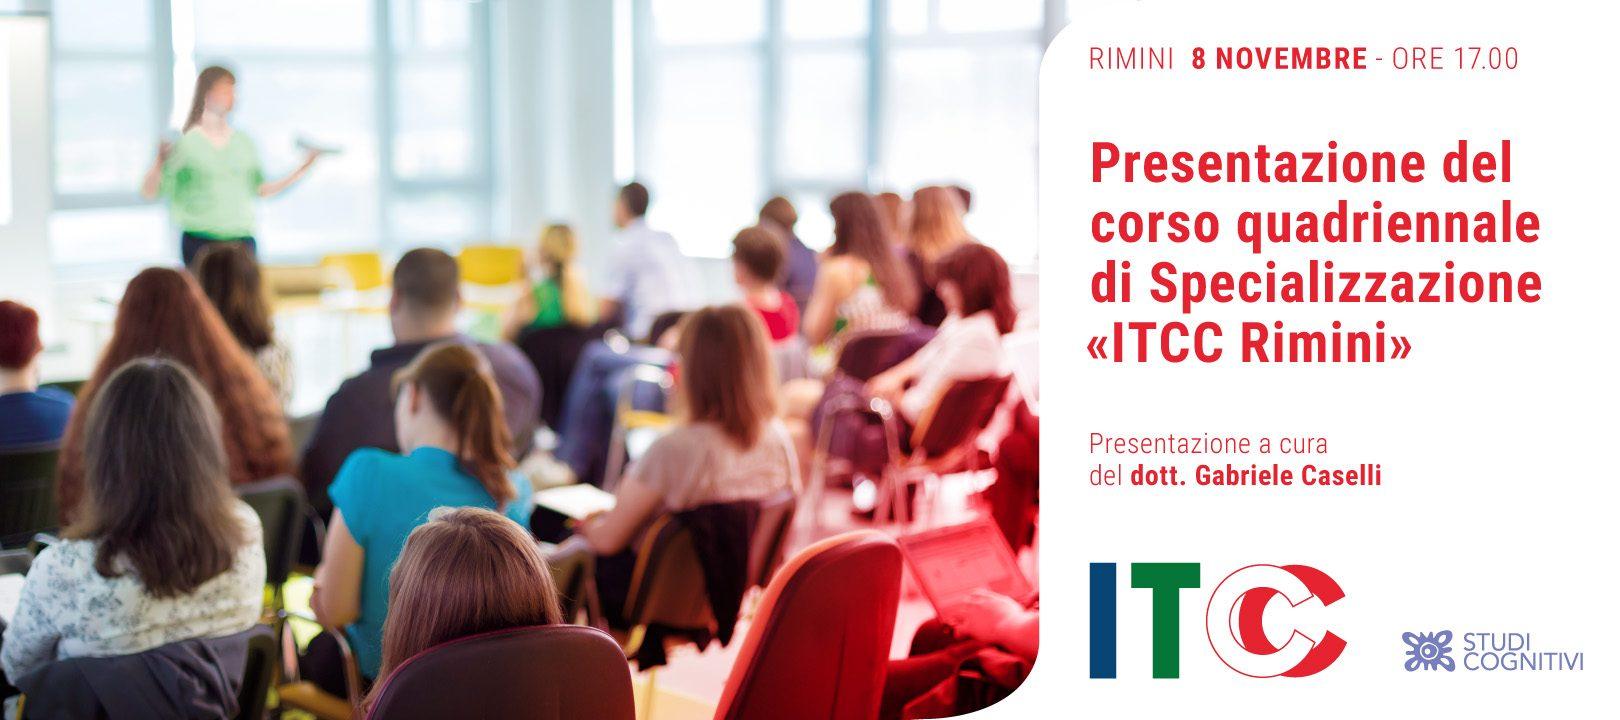 RIMINI - 081119 - Presentazione Corso Quadriennale - SC